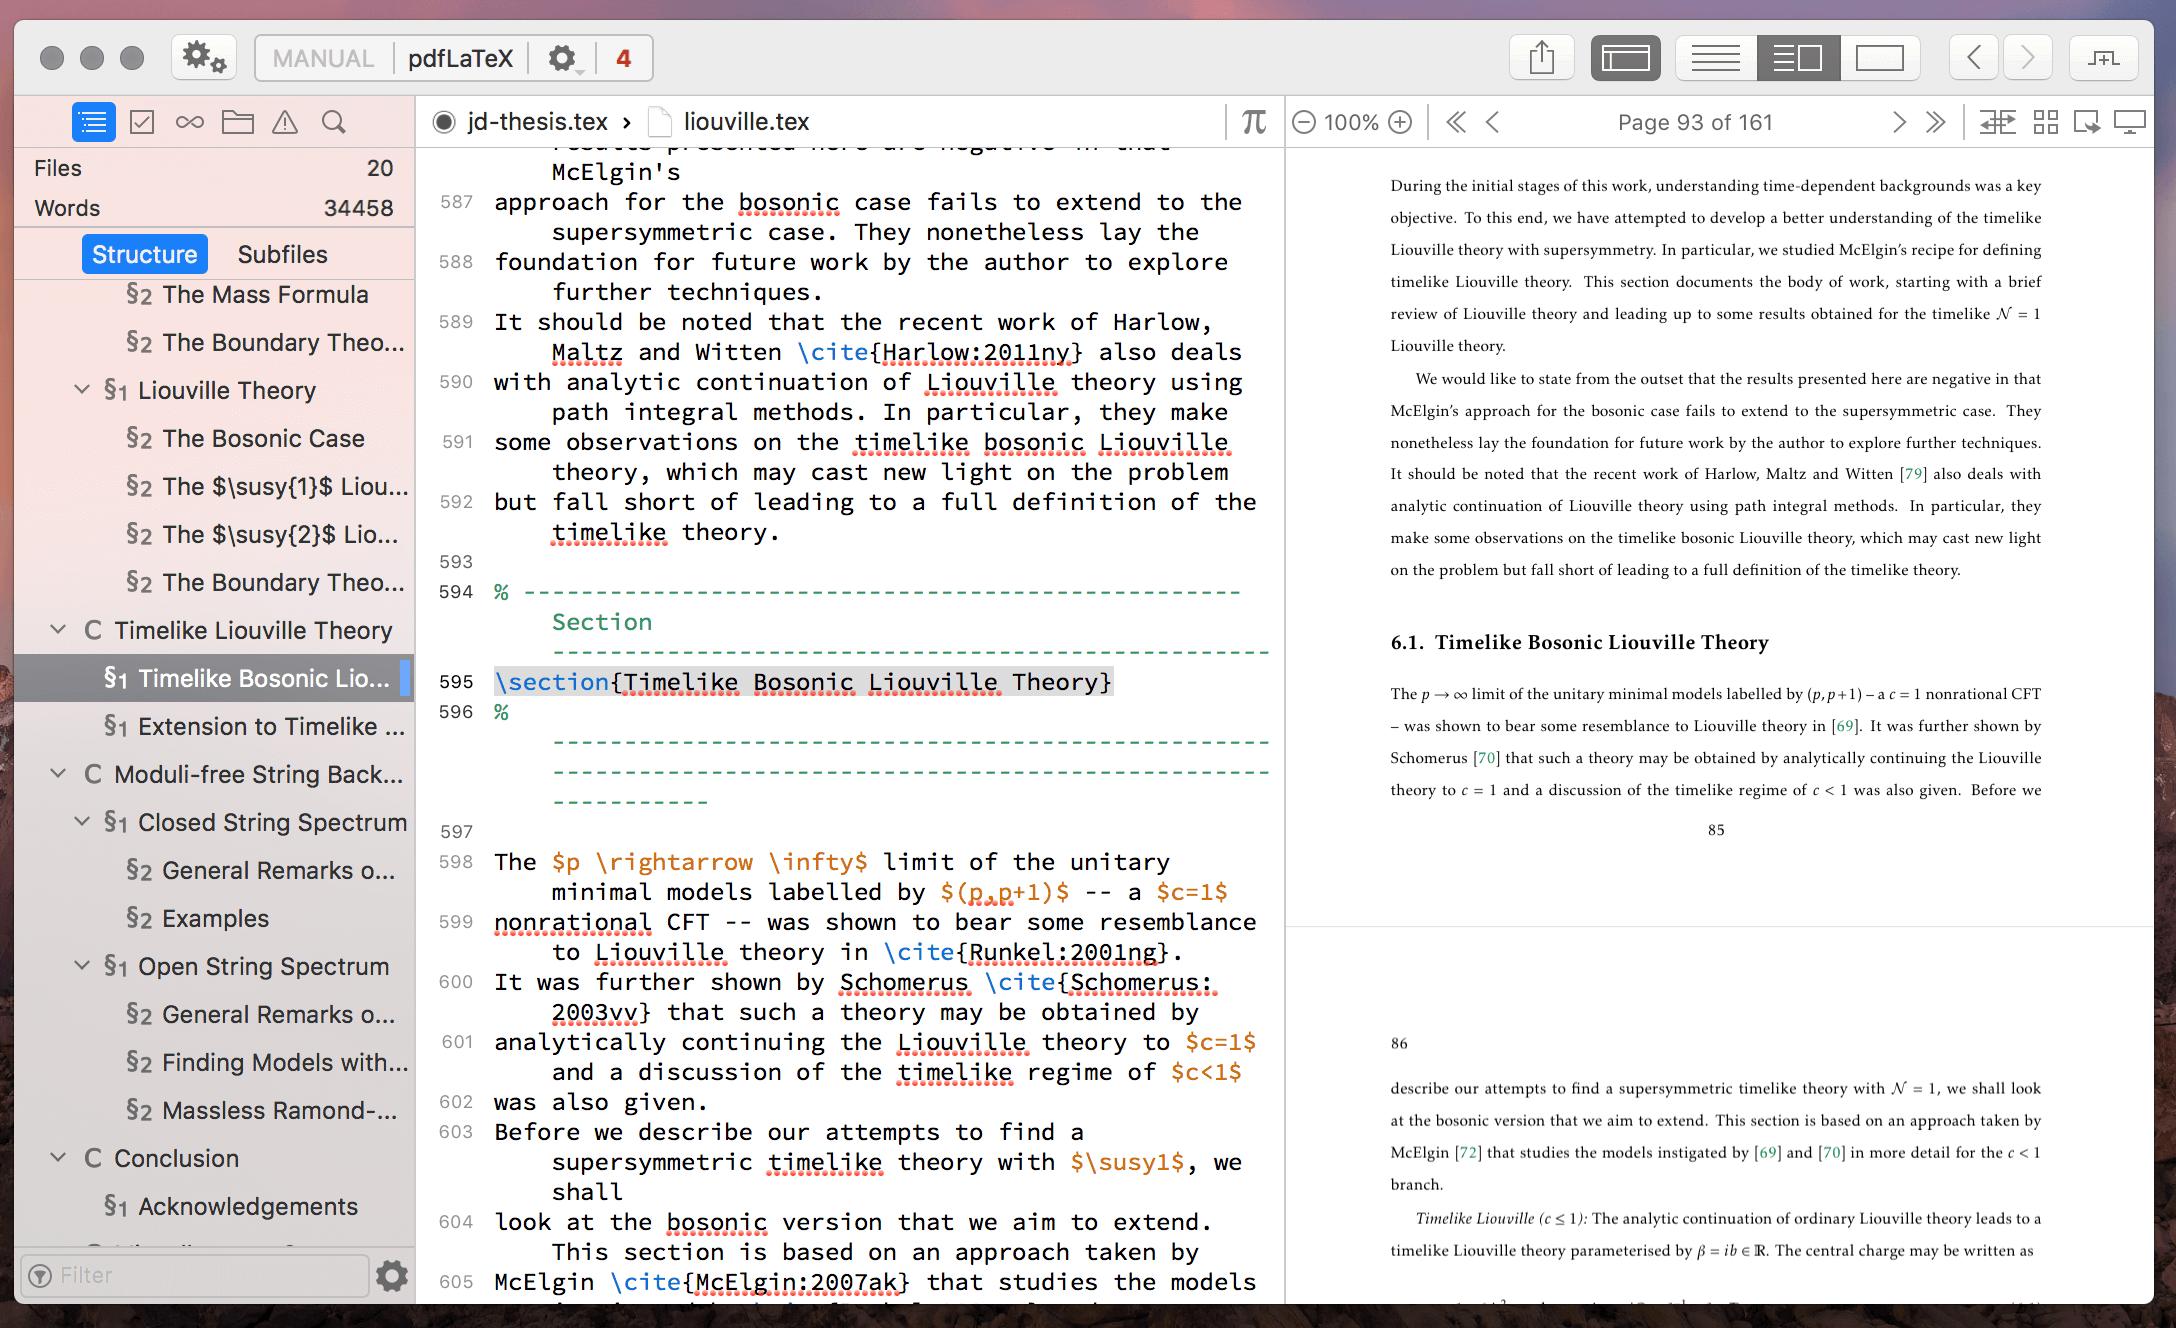 Texpad for mac 2020